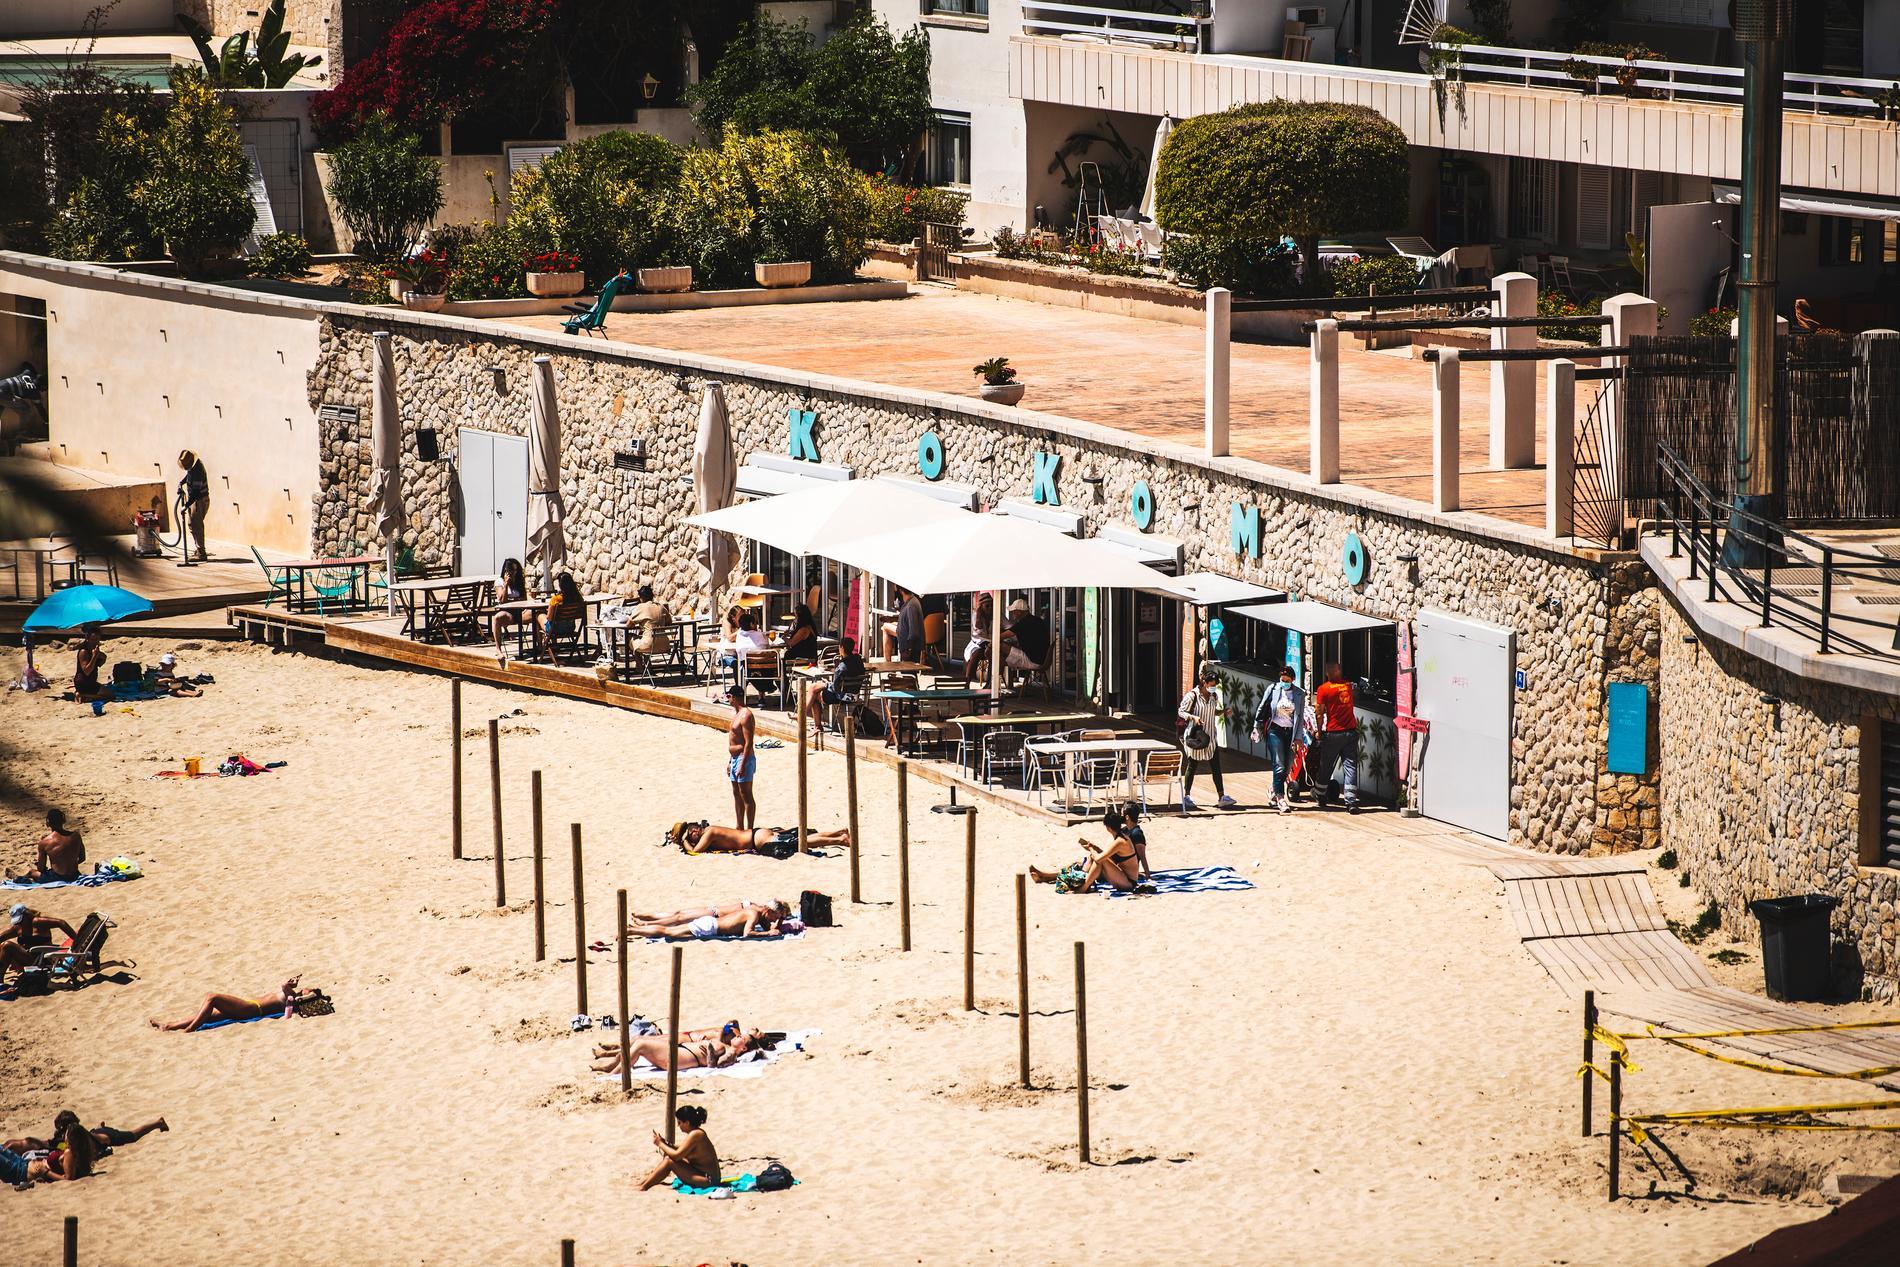 Stranden i Cala Major, Palma, Mallorca, Spanien.